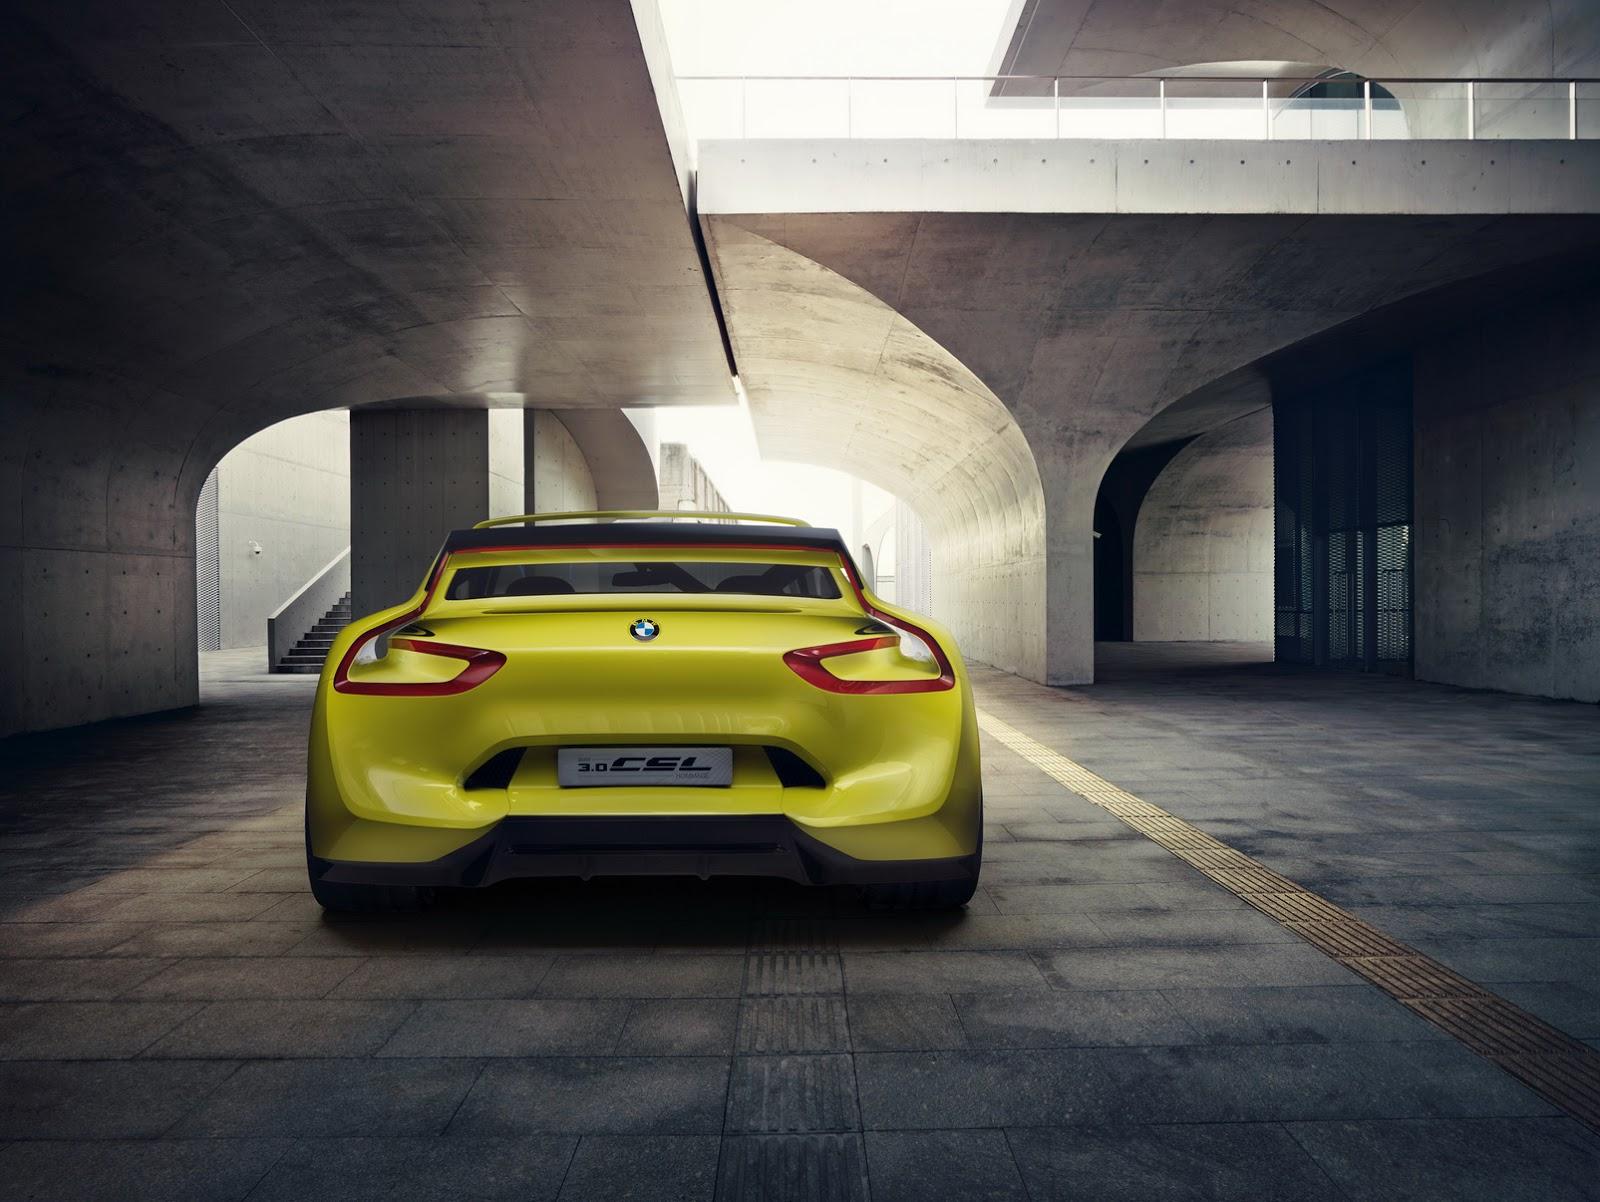 2015 -[BMW] 3.0 CSL Hommage - Page 2 BMW-3-0-CSL-Hommage-15